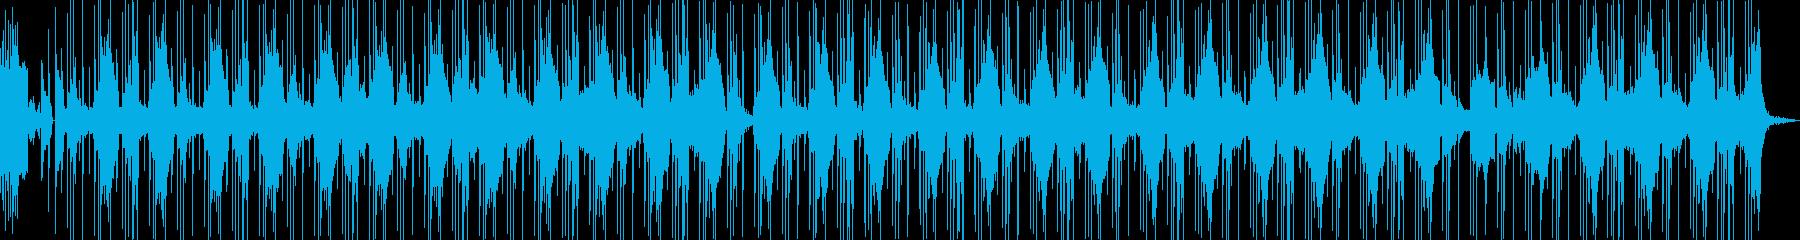 洋楽風のかっこいいR&Bヒップホップの再生済みの波形